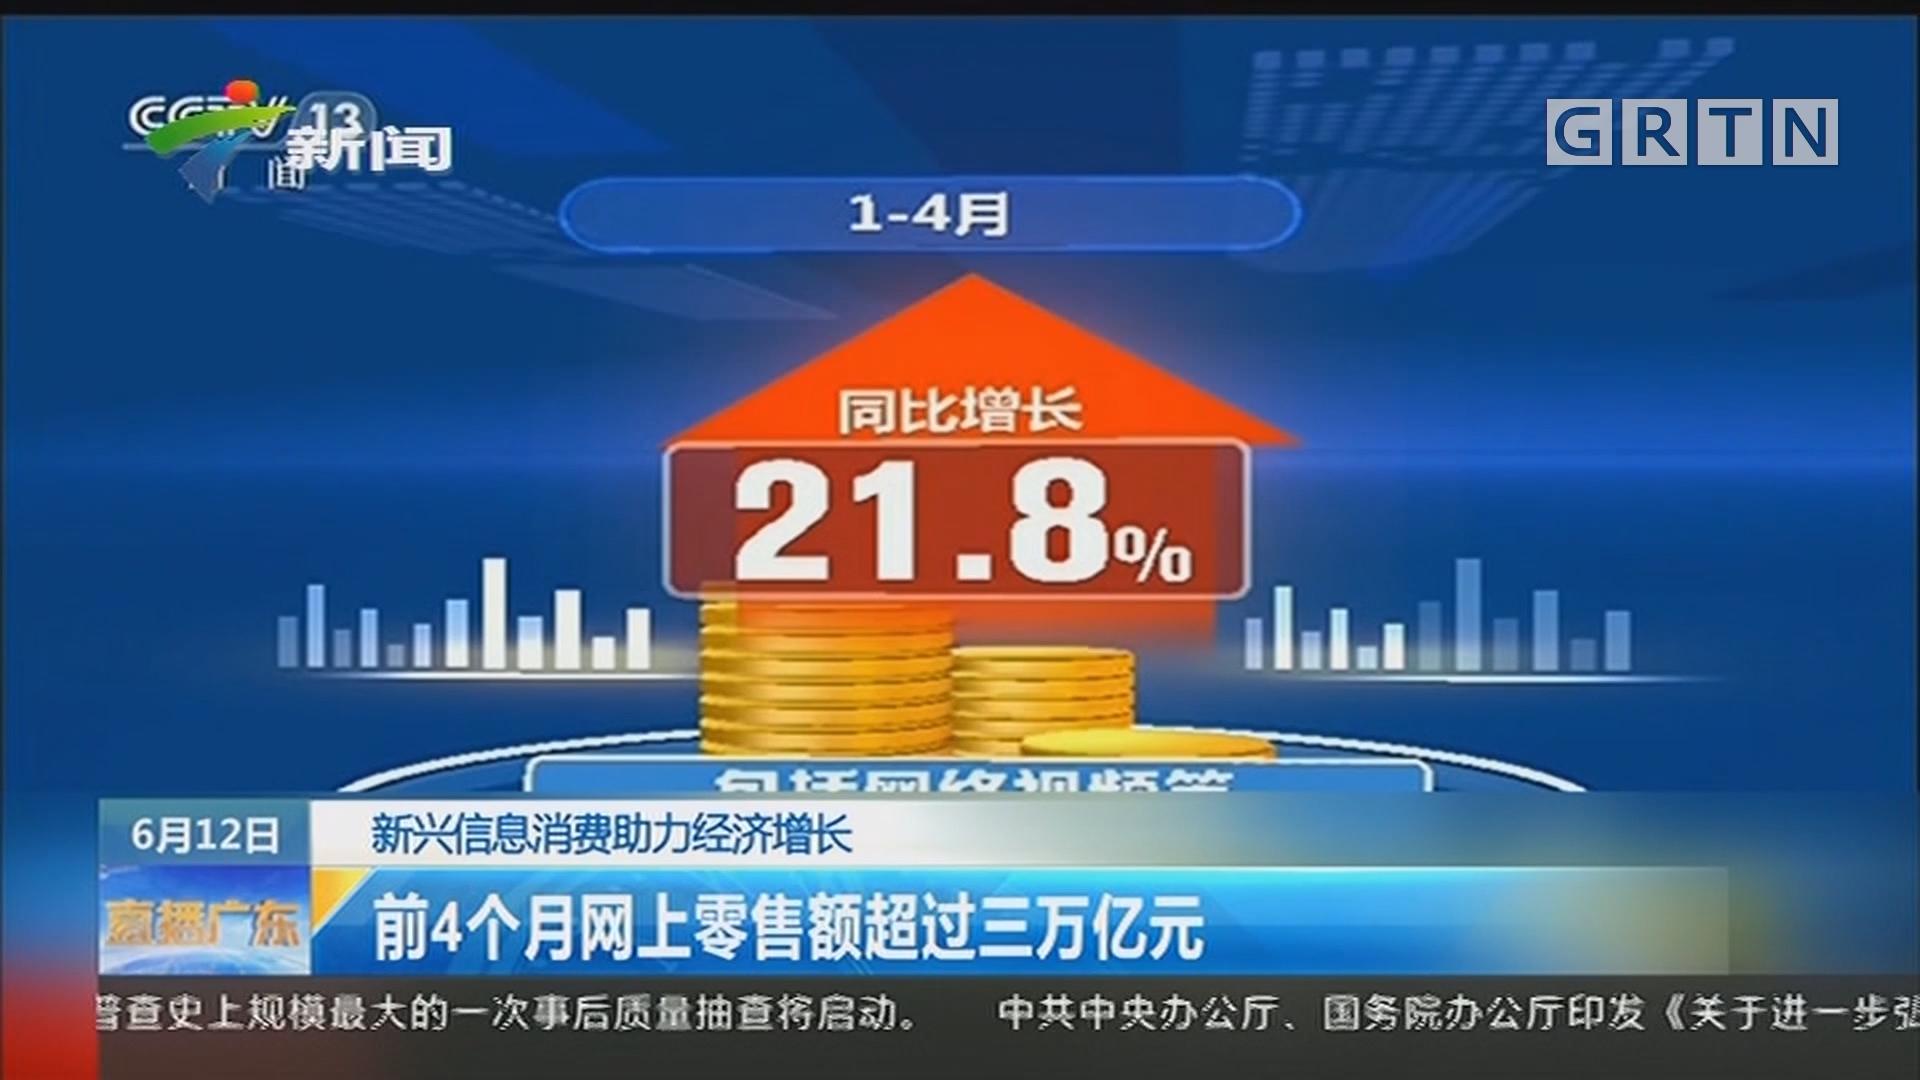 新兴信息消费助力经济增长:前4个月网上零售额超过三万亿元